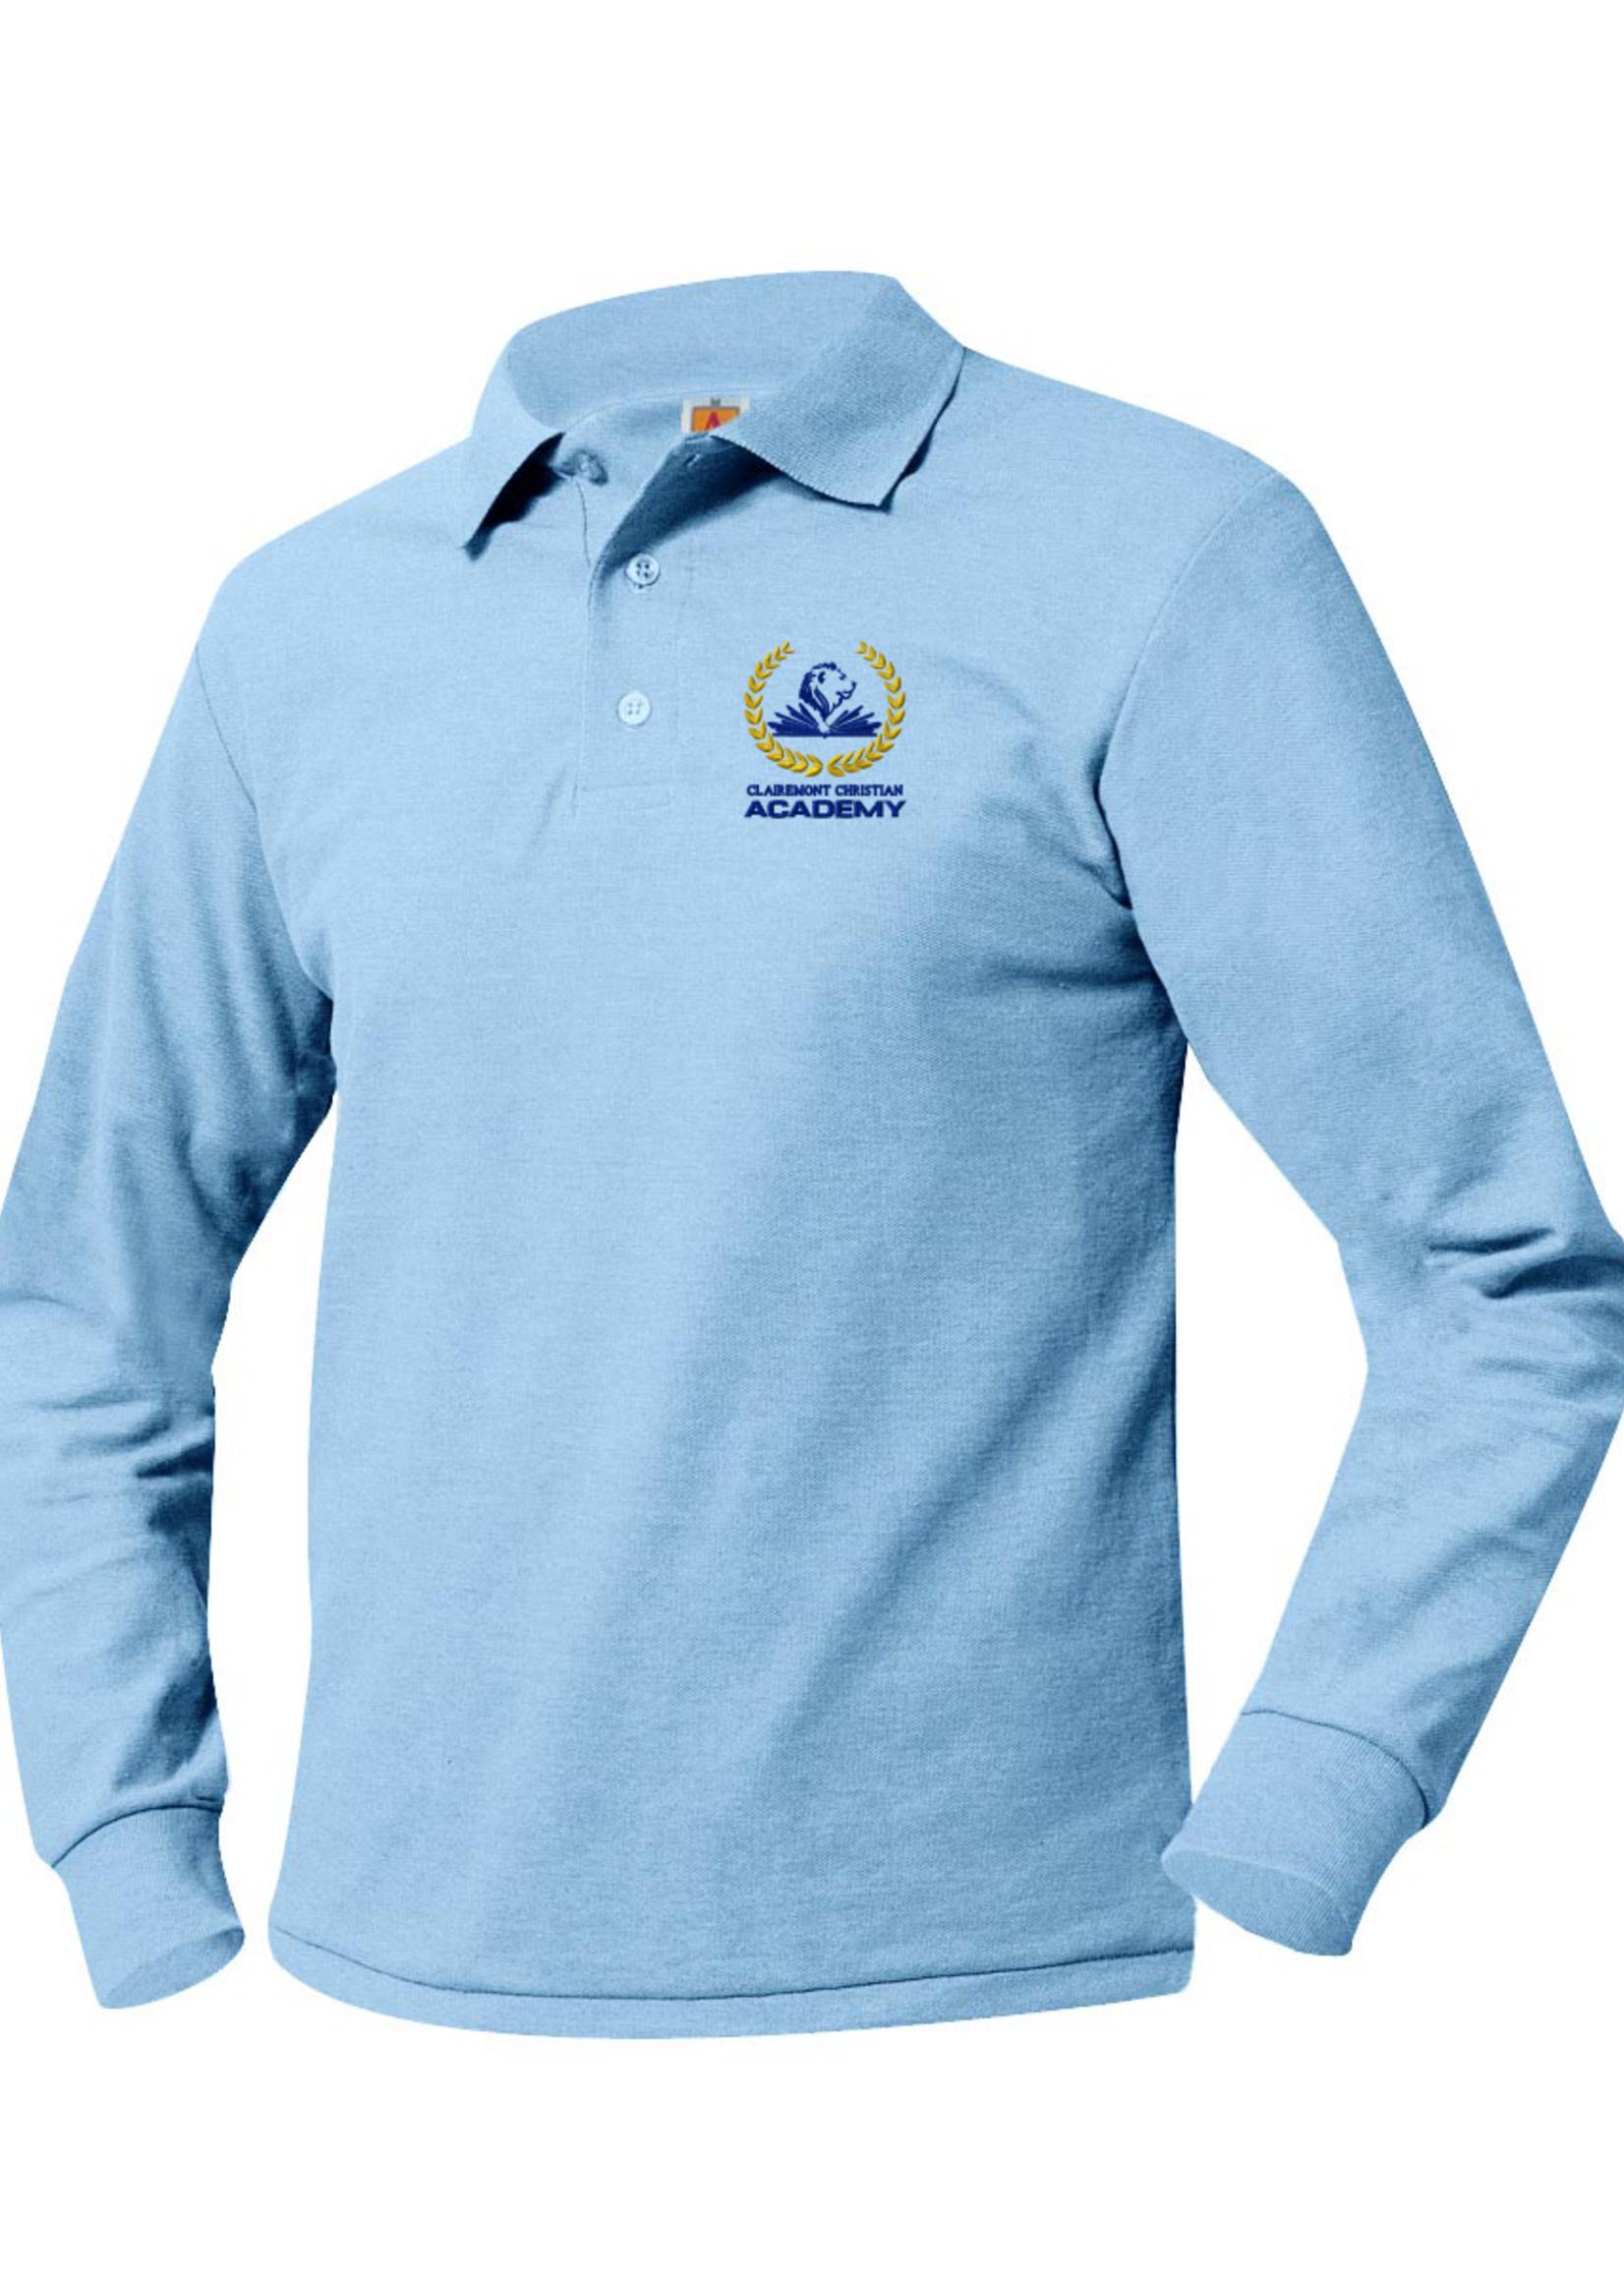 TUS CLCA GK6 Lt. Blue Pique Long Sleeve Polo